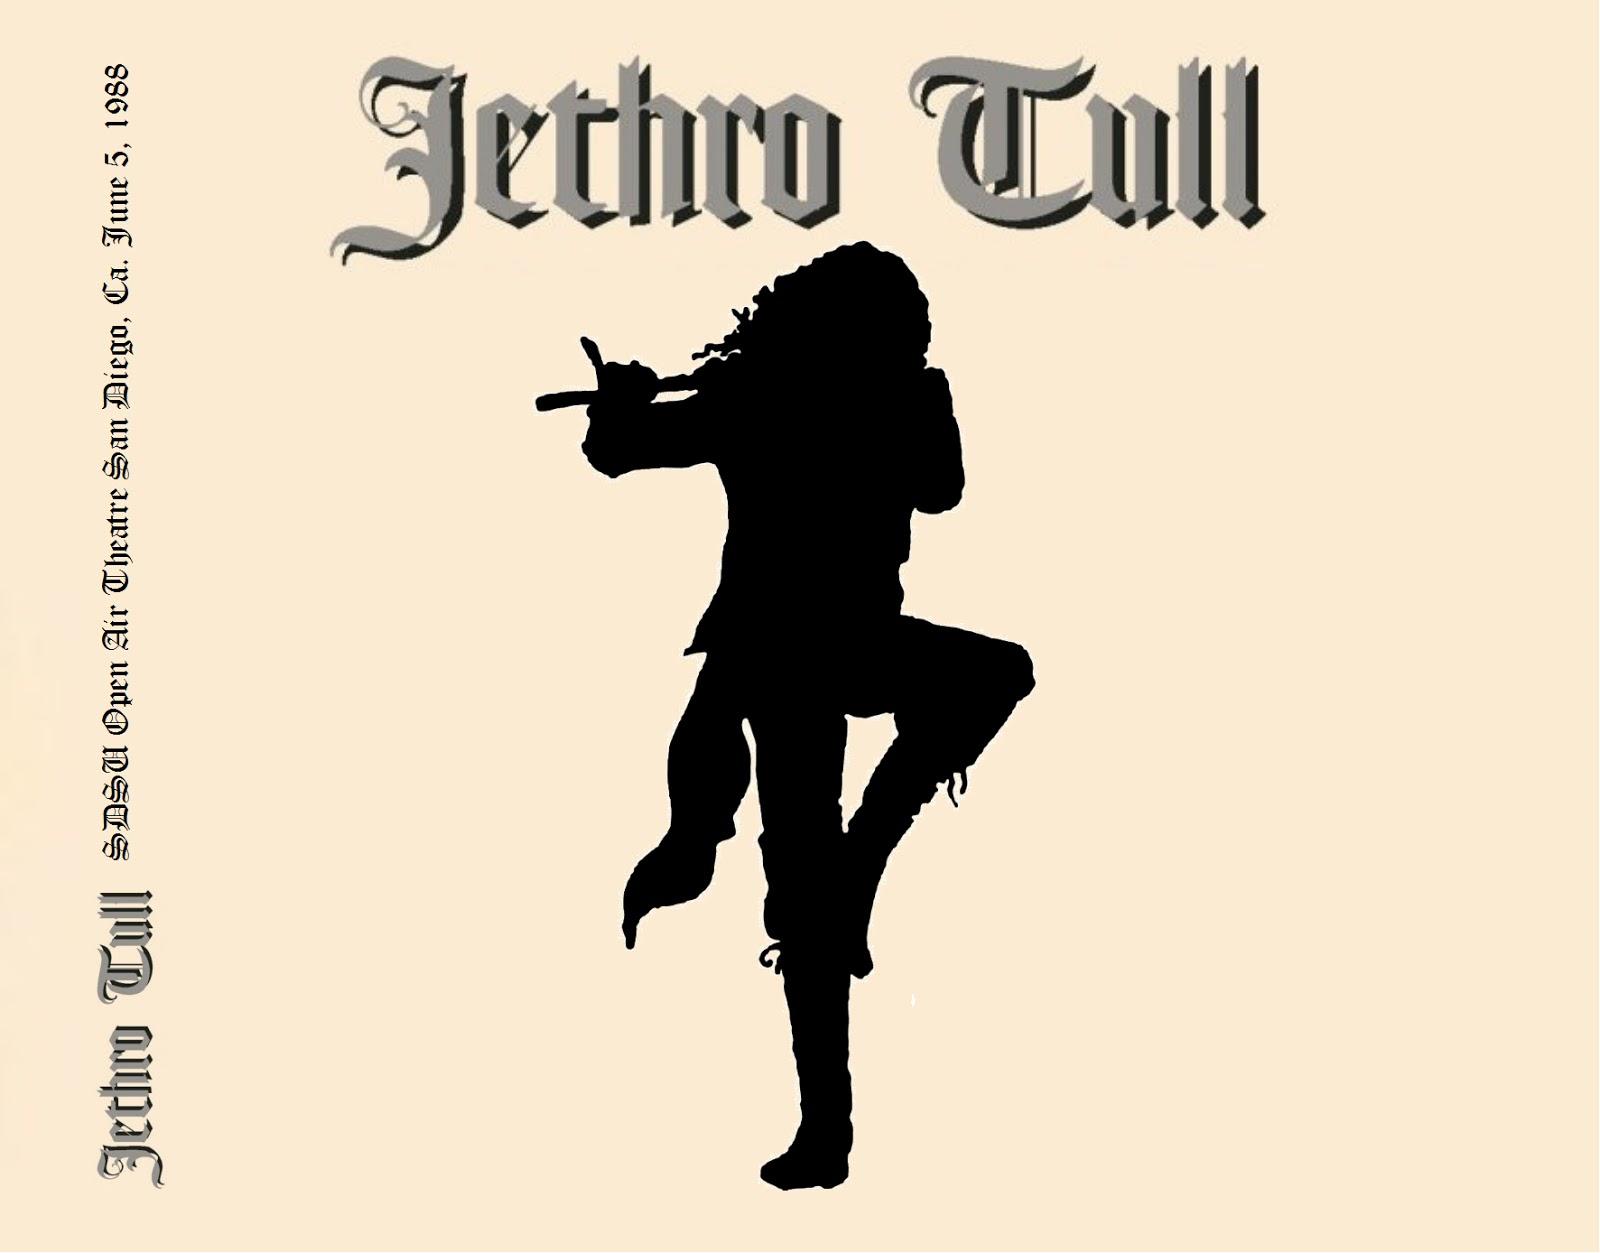 Jethro Tull A Tour